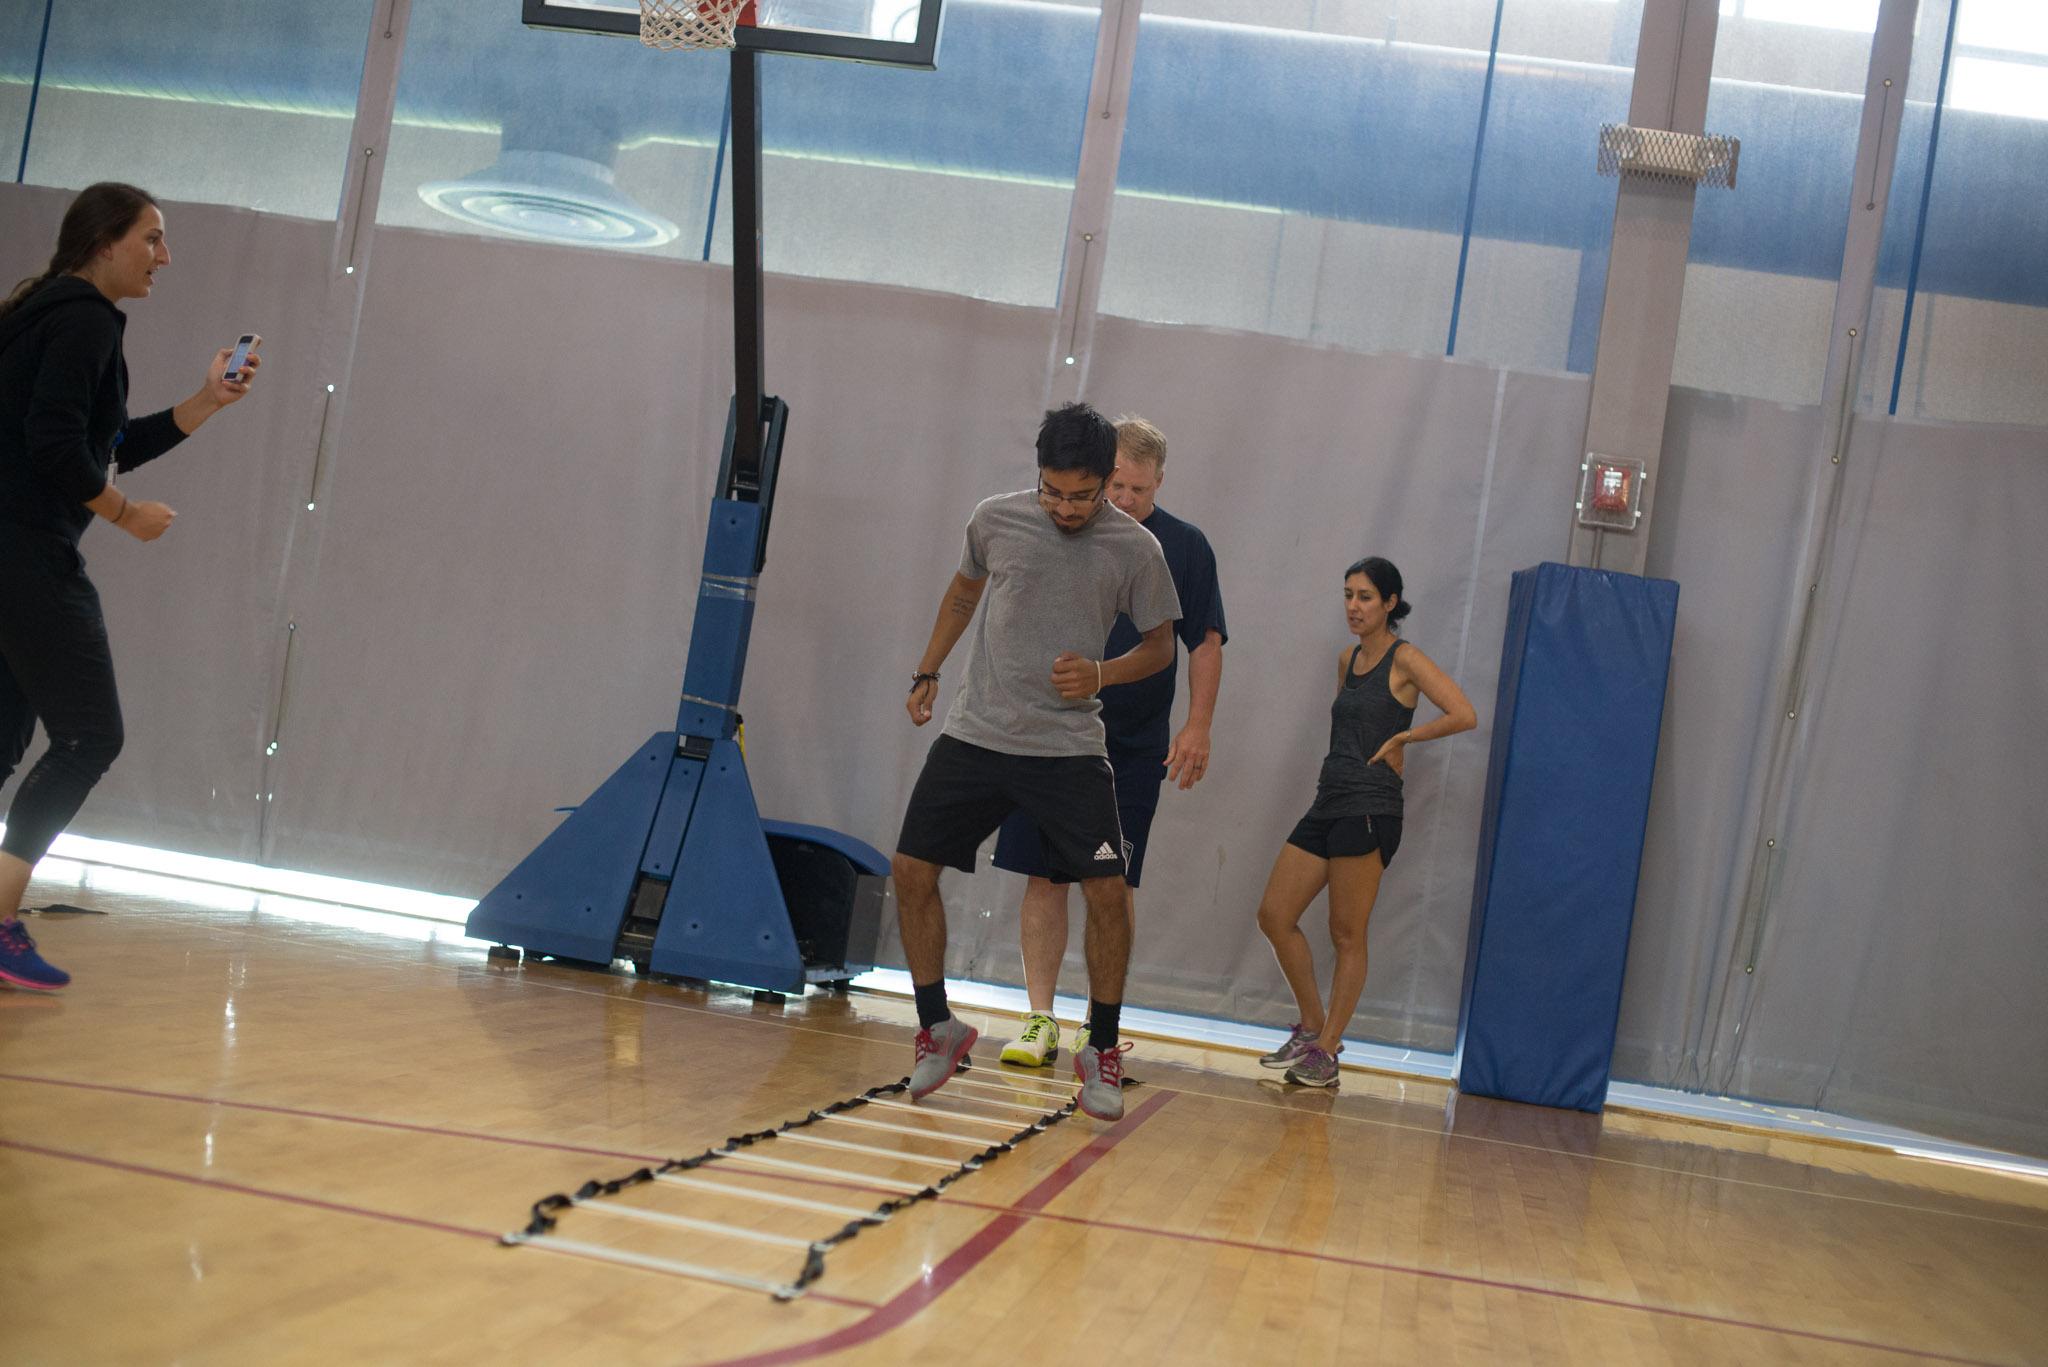 Wellness Center Stock Photos-1193.jpg